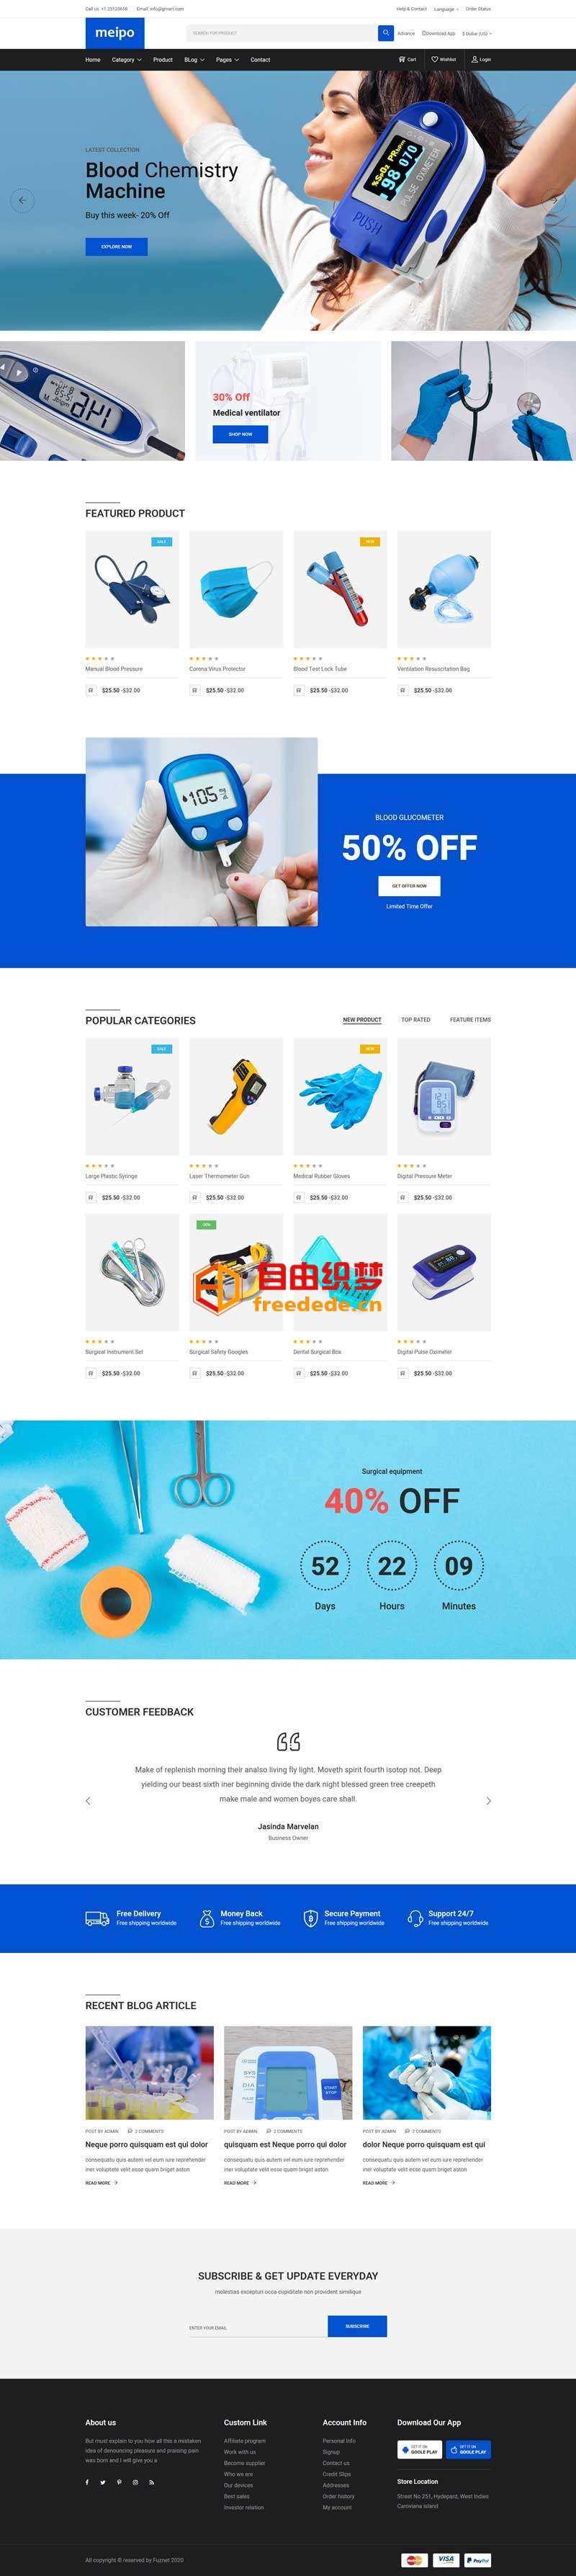 爱上源码网文章医疗用品商店展示网站模板的内容插图